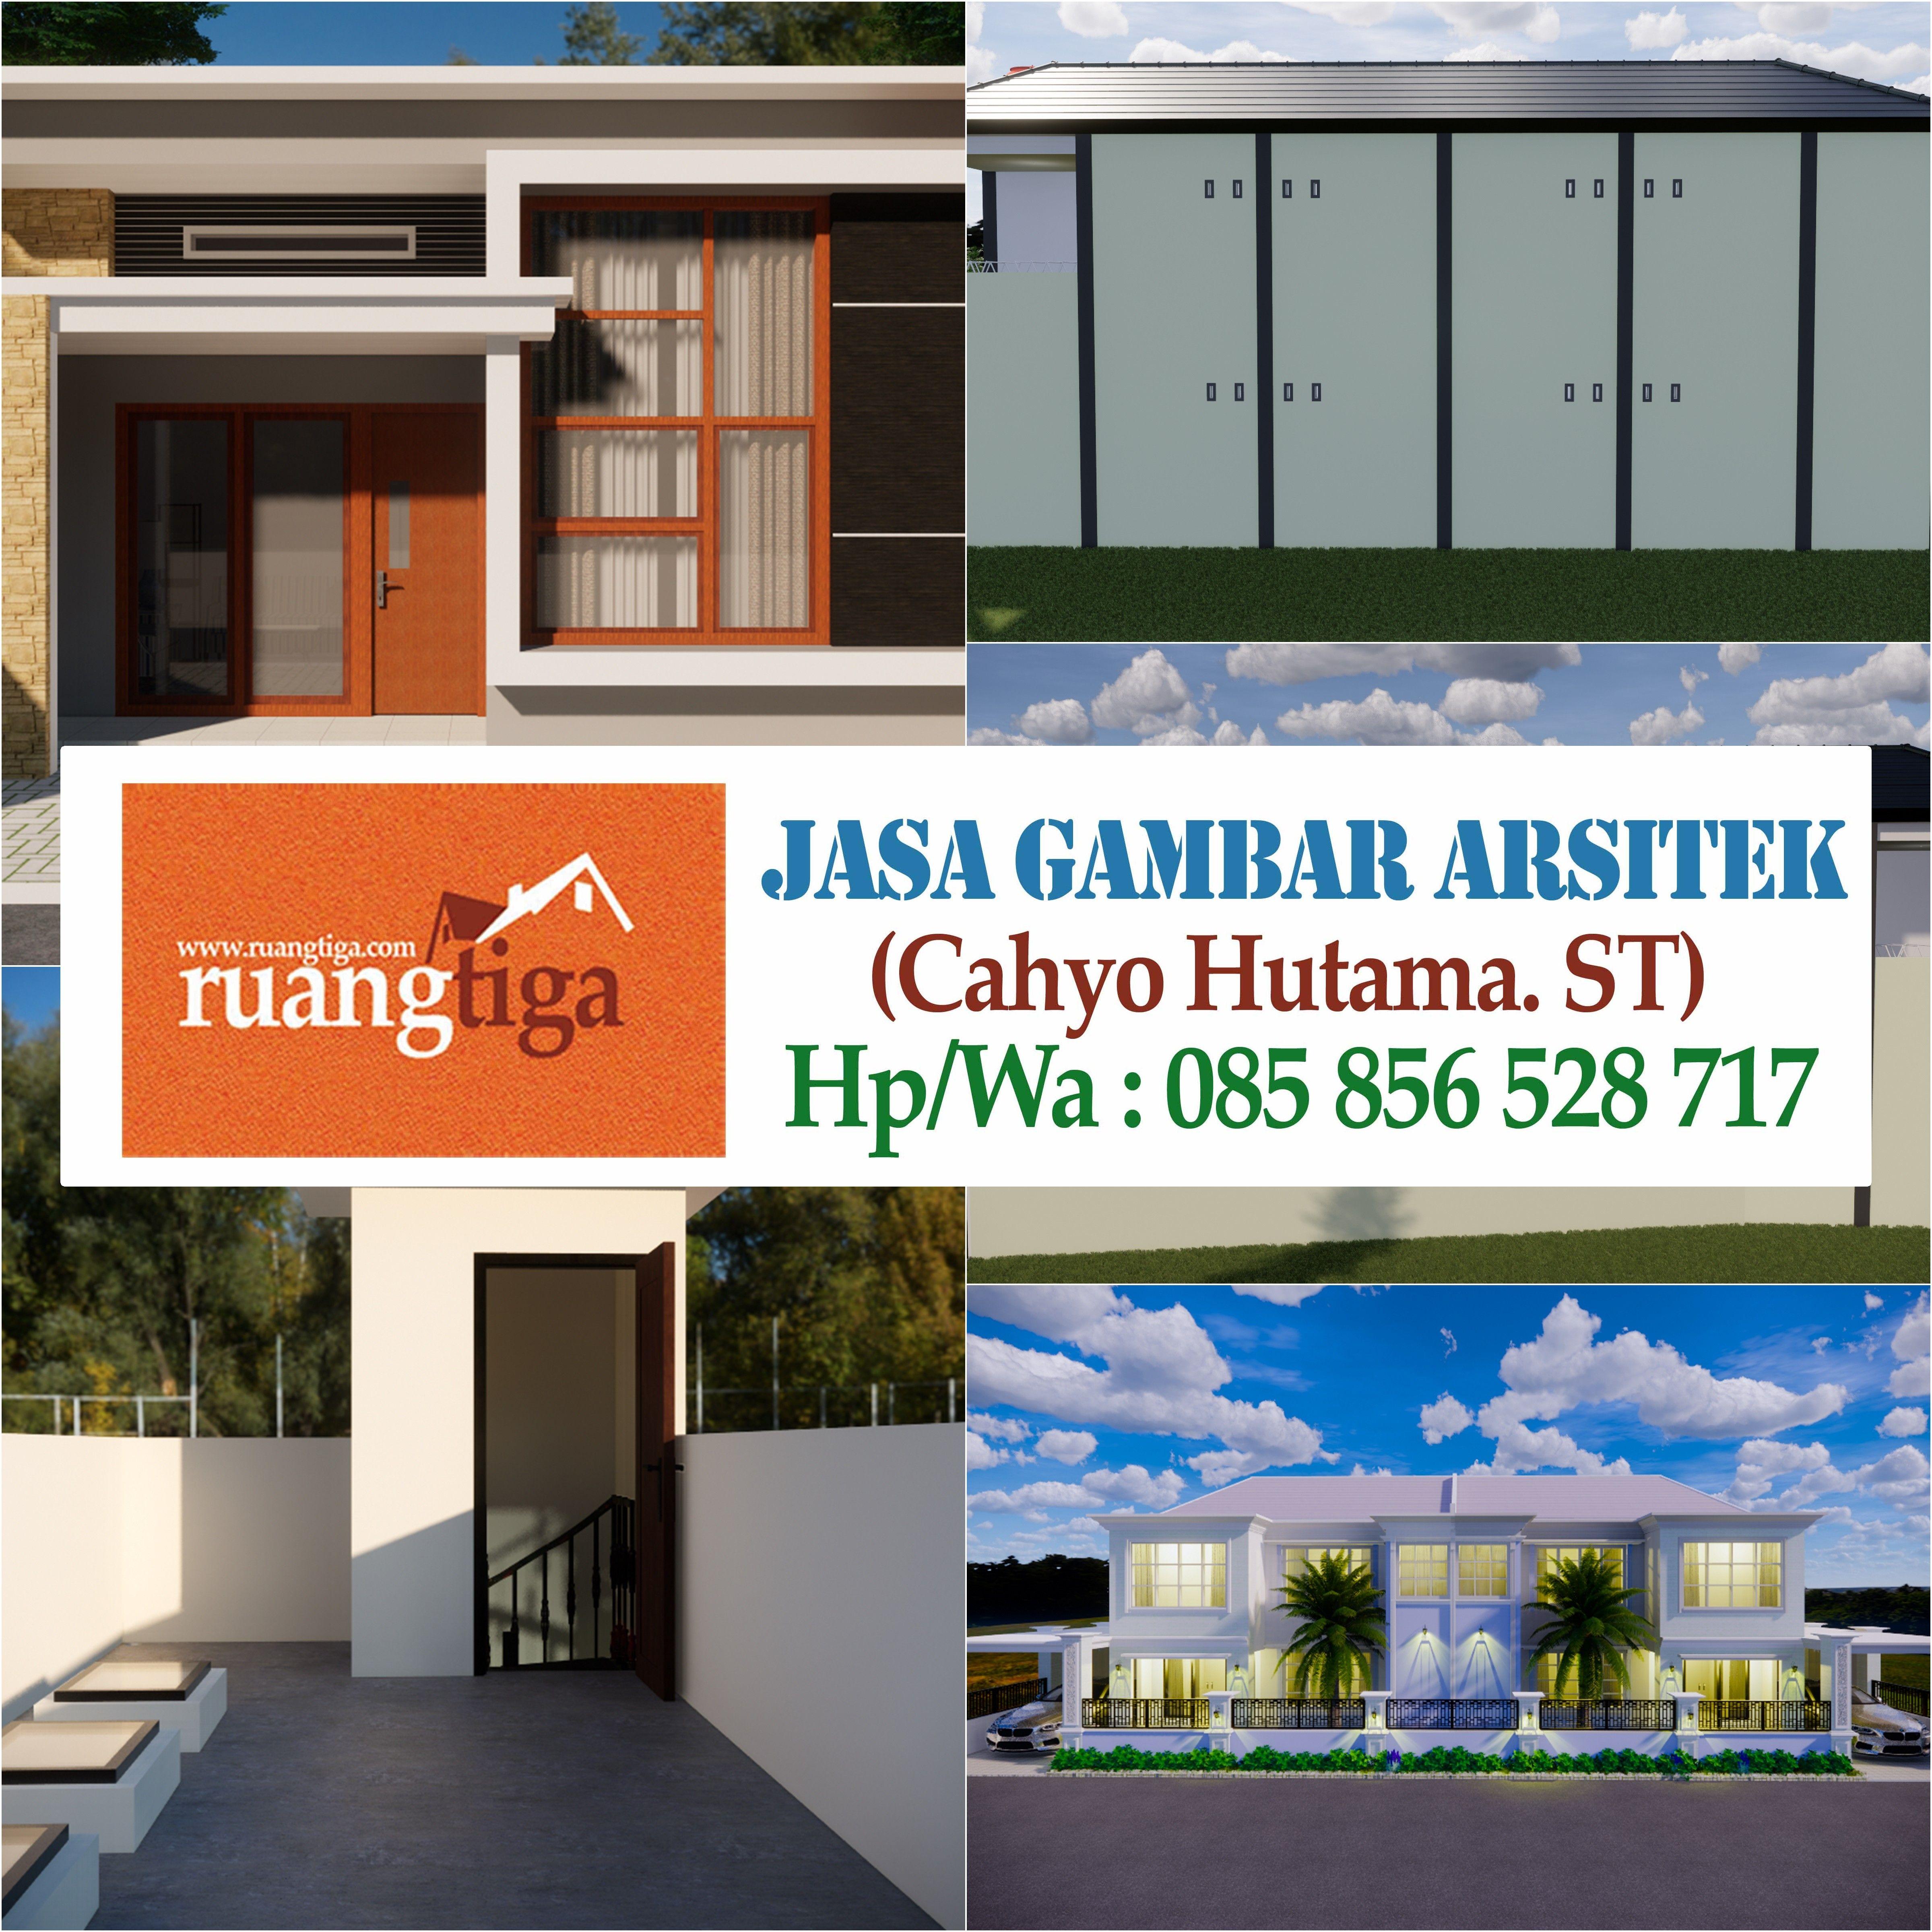 085856528717 Jasa Arsitek Rumah Gratis Jasa Gambar Desain Rumah Bandung Arsitek Desain Rumah Rumah